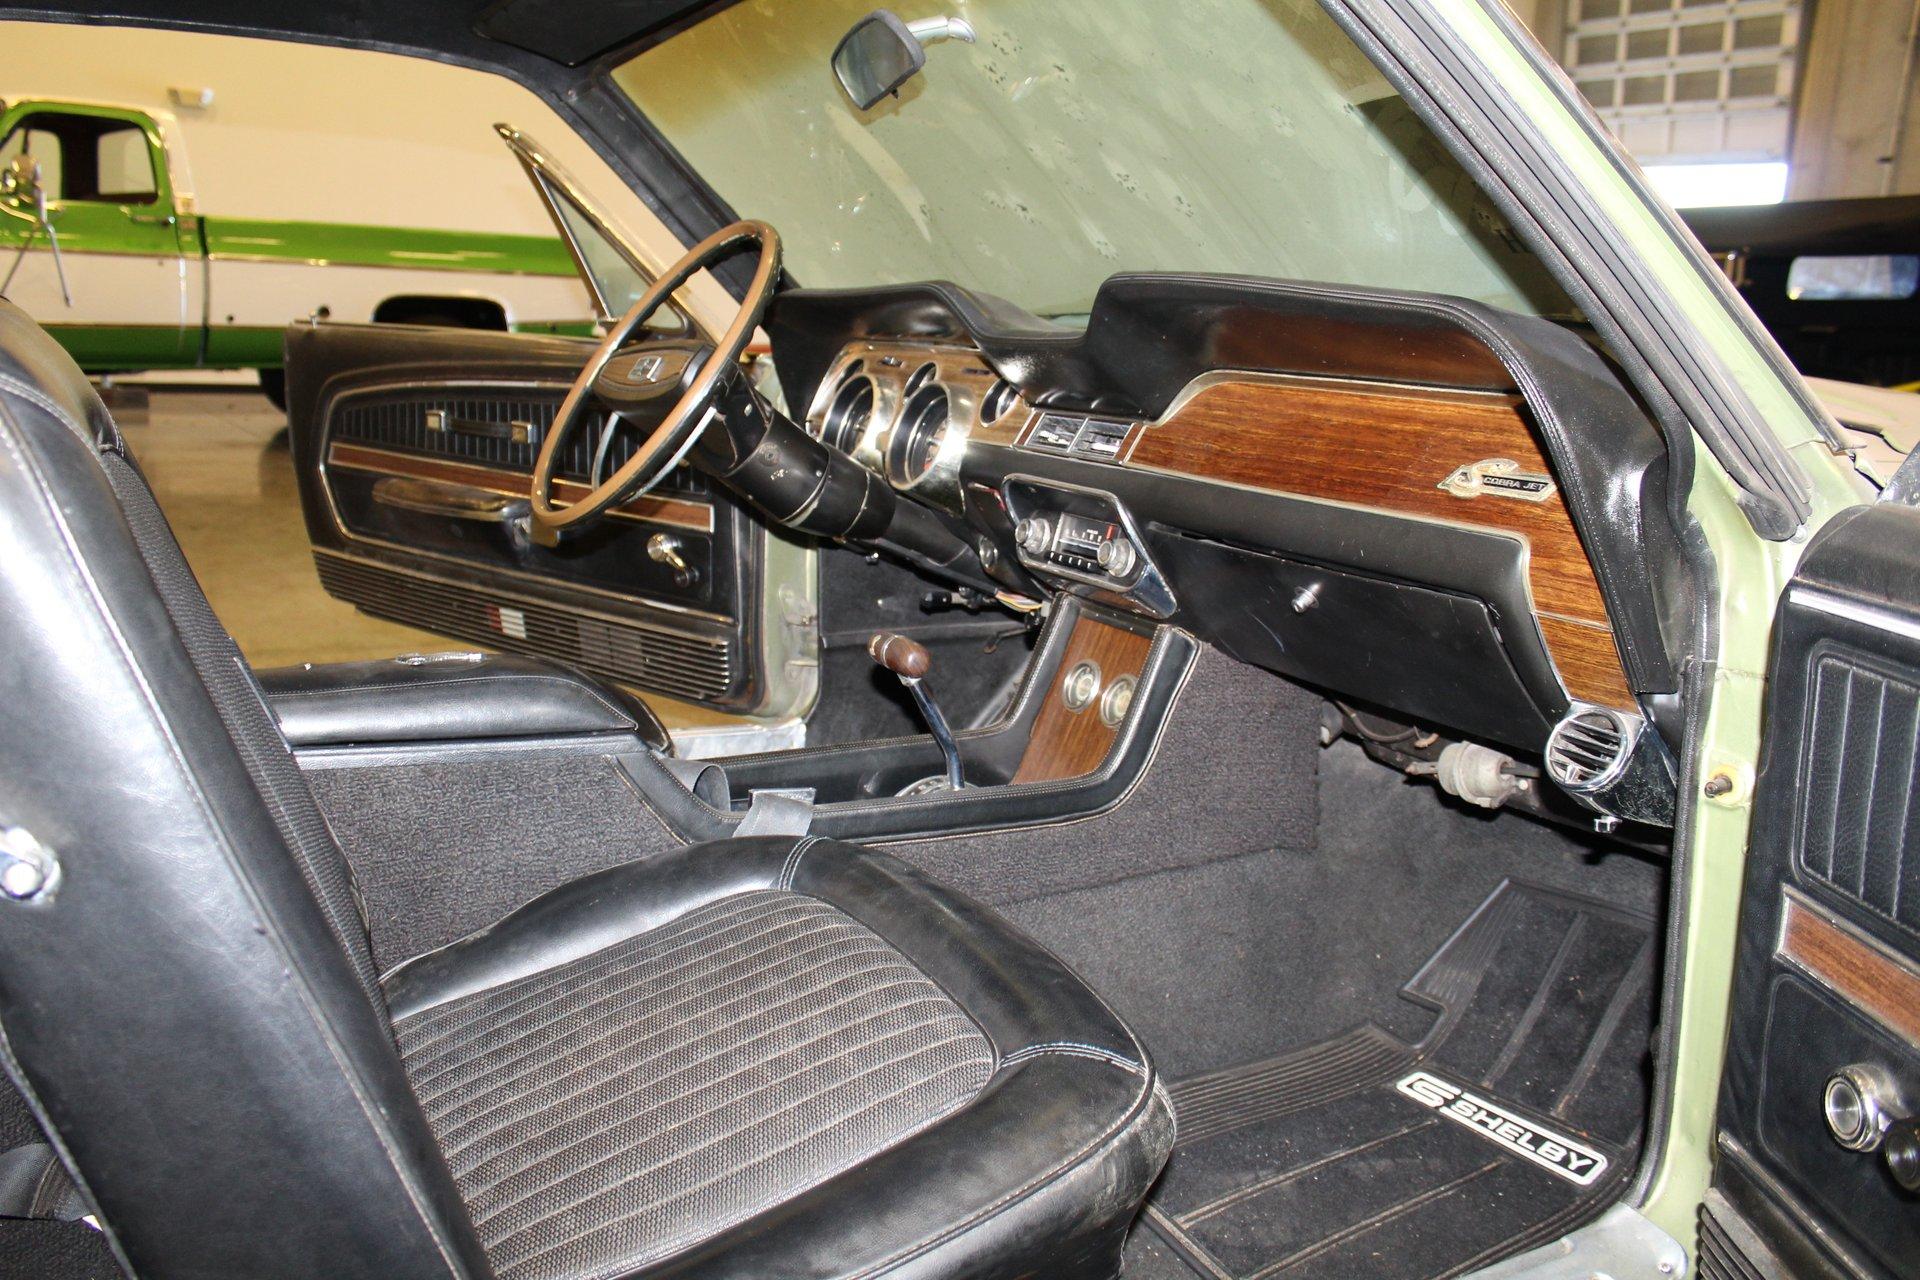 1968 Shelby GT500KR interior